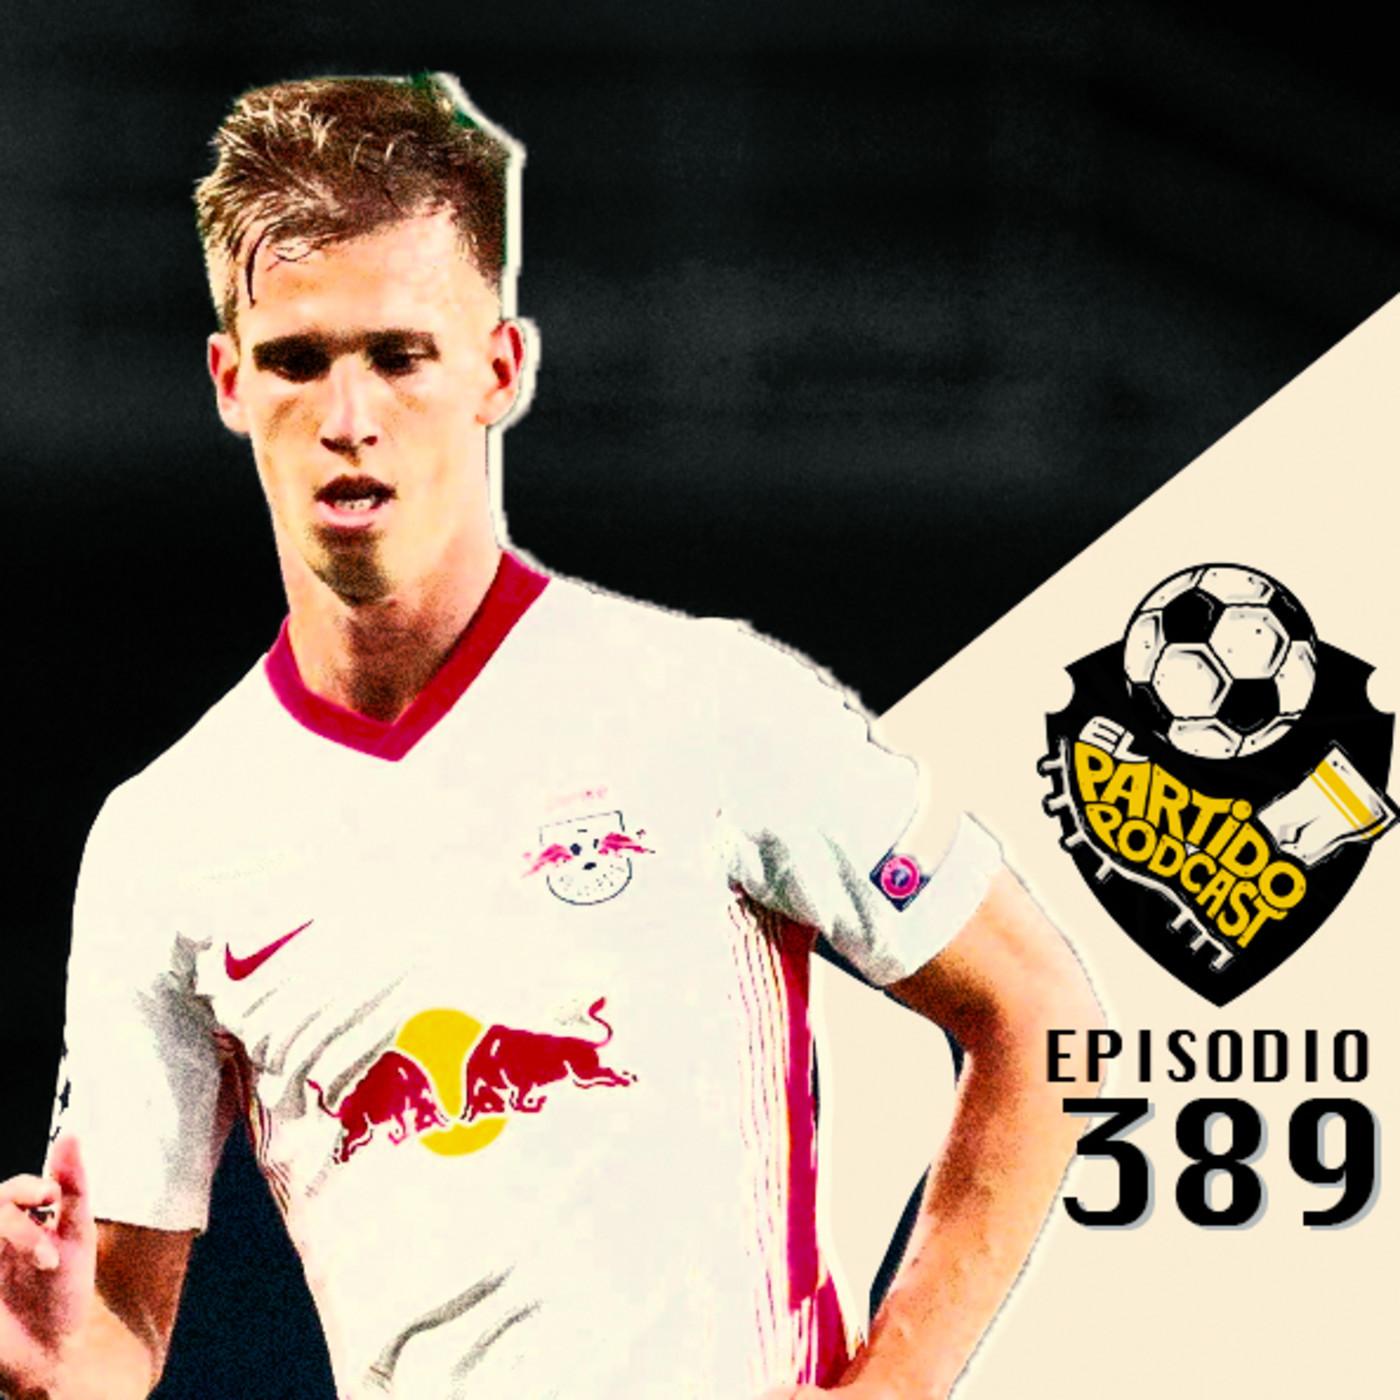 Ep 389: La Previa de las semifinales de la UEFA Champions League